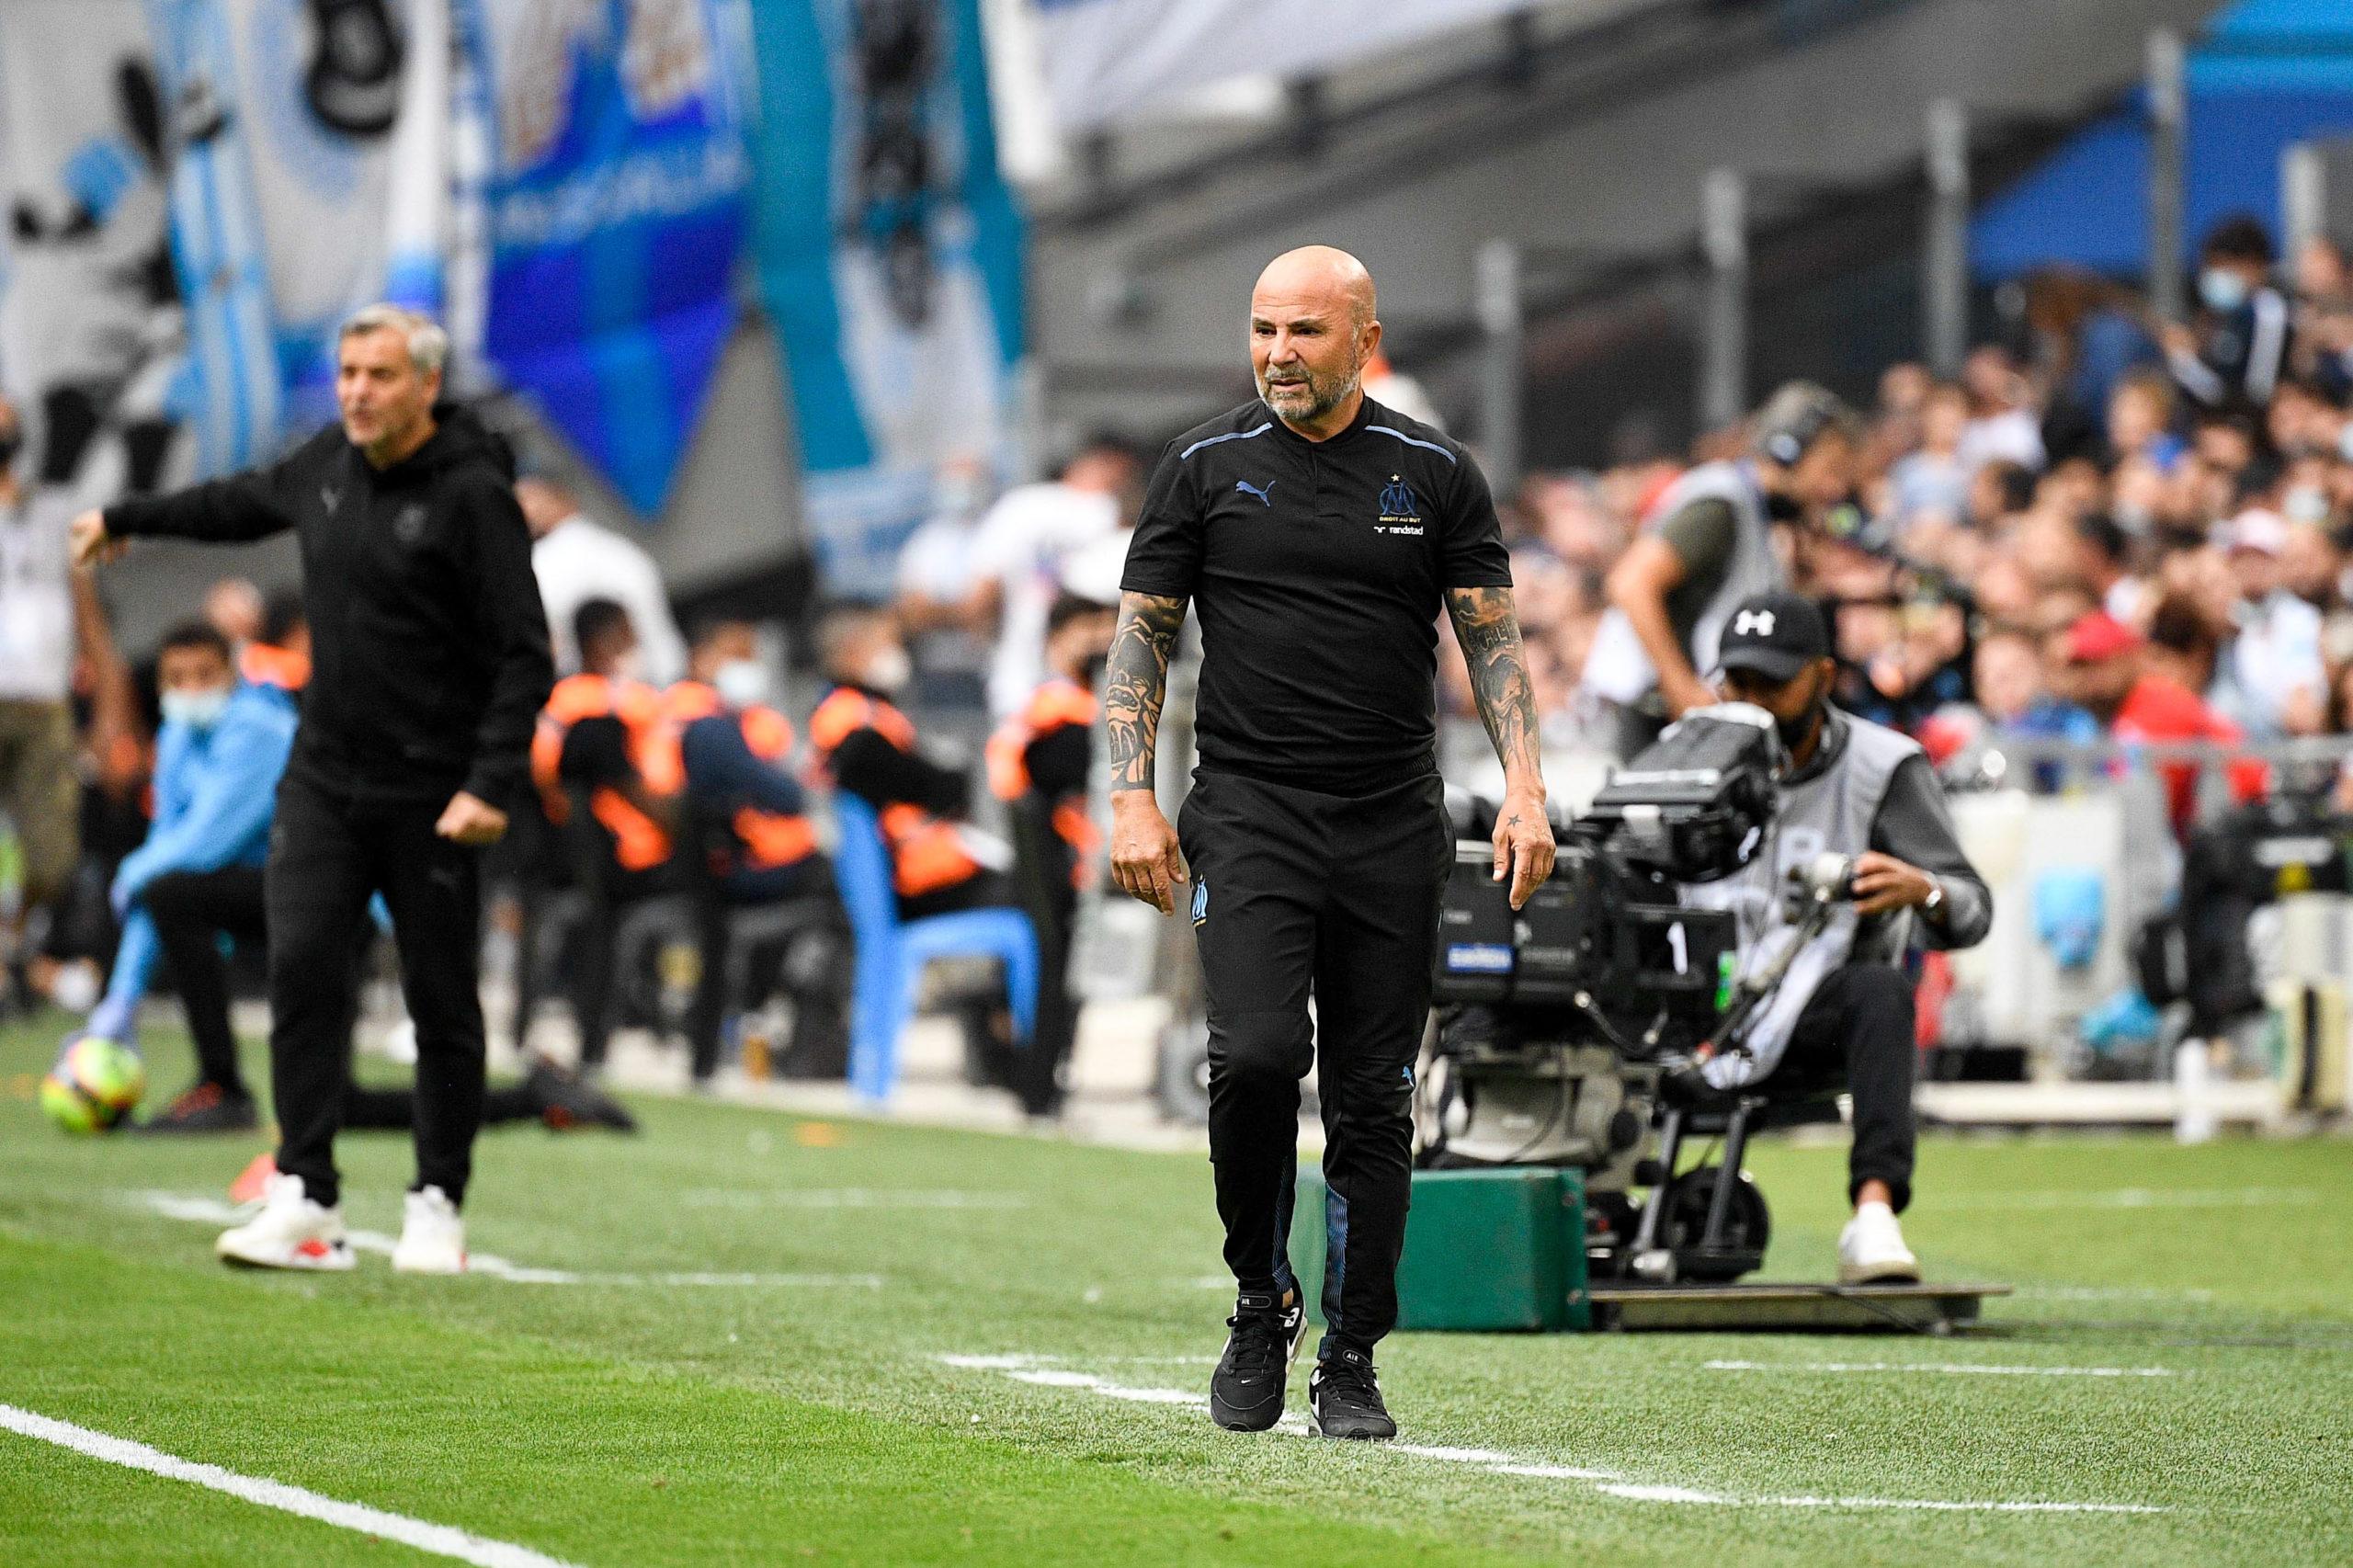 """OM/Rennes (2-0) - Jorge Sampaoli : """"L'équipe a été vaillante"""""""